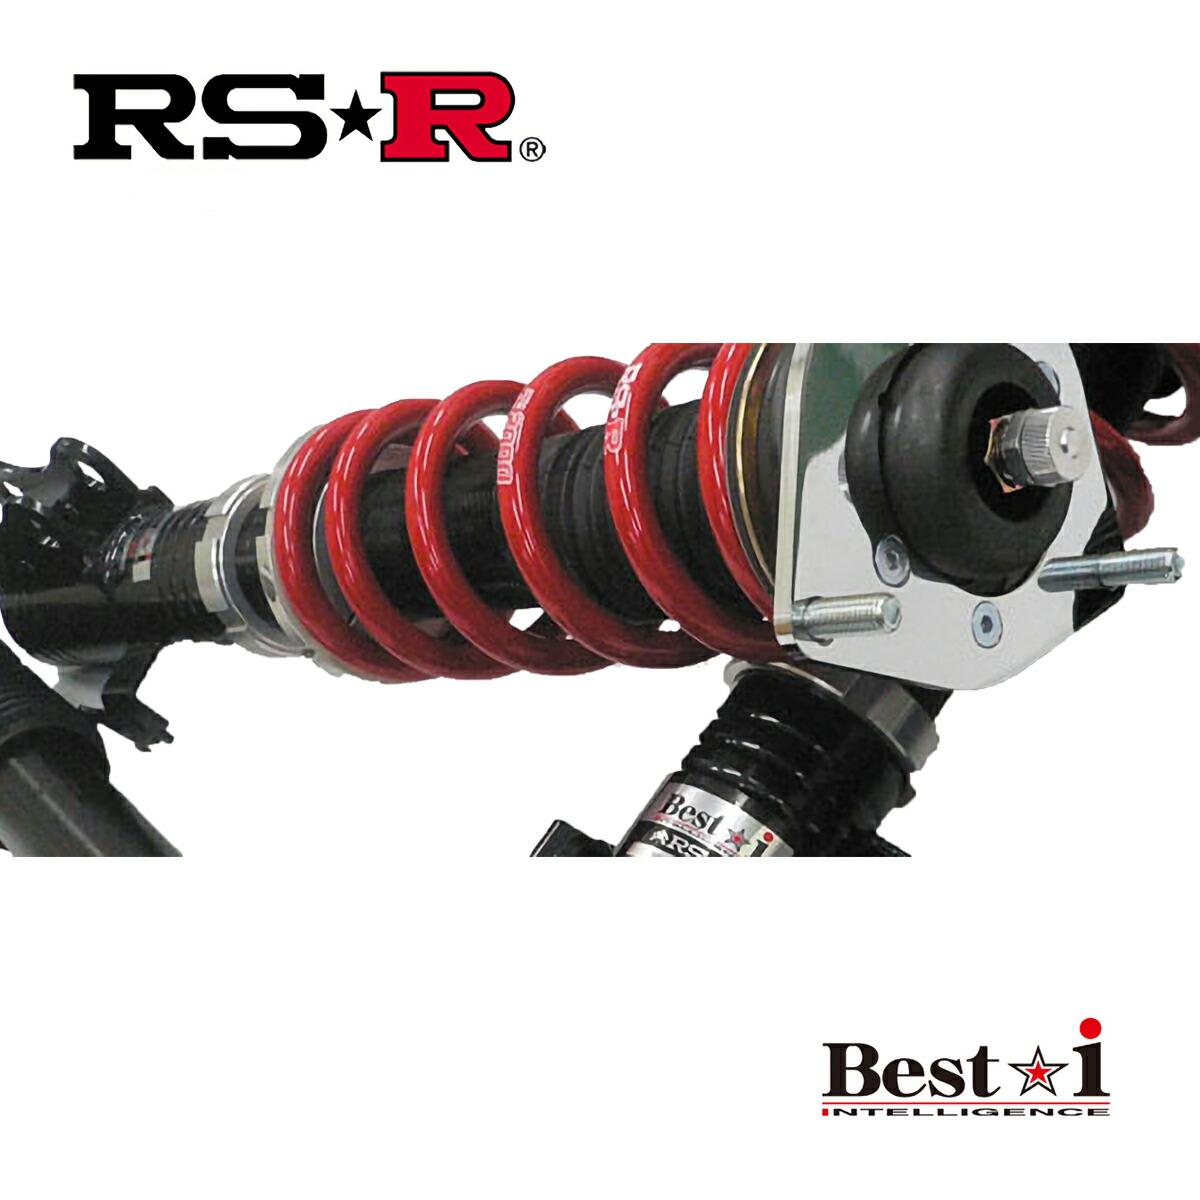 RS-R シビック タイプR EK9 車高調 リア車高調整:全長式/推奨バネレート仕様 BIH052M ベストi RSR 個人宅発送追金有